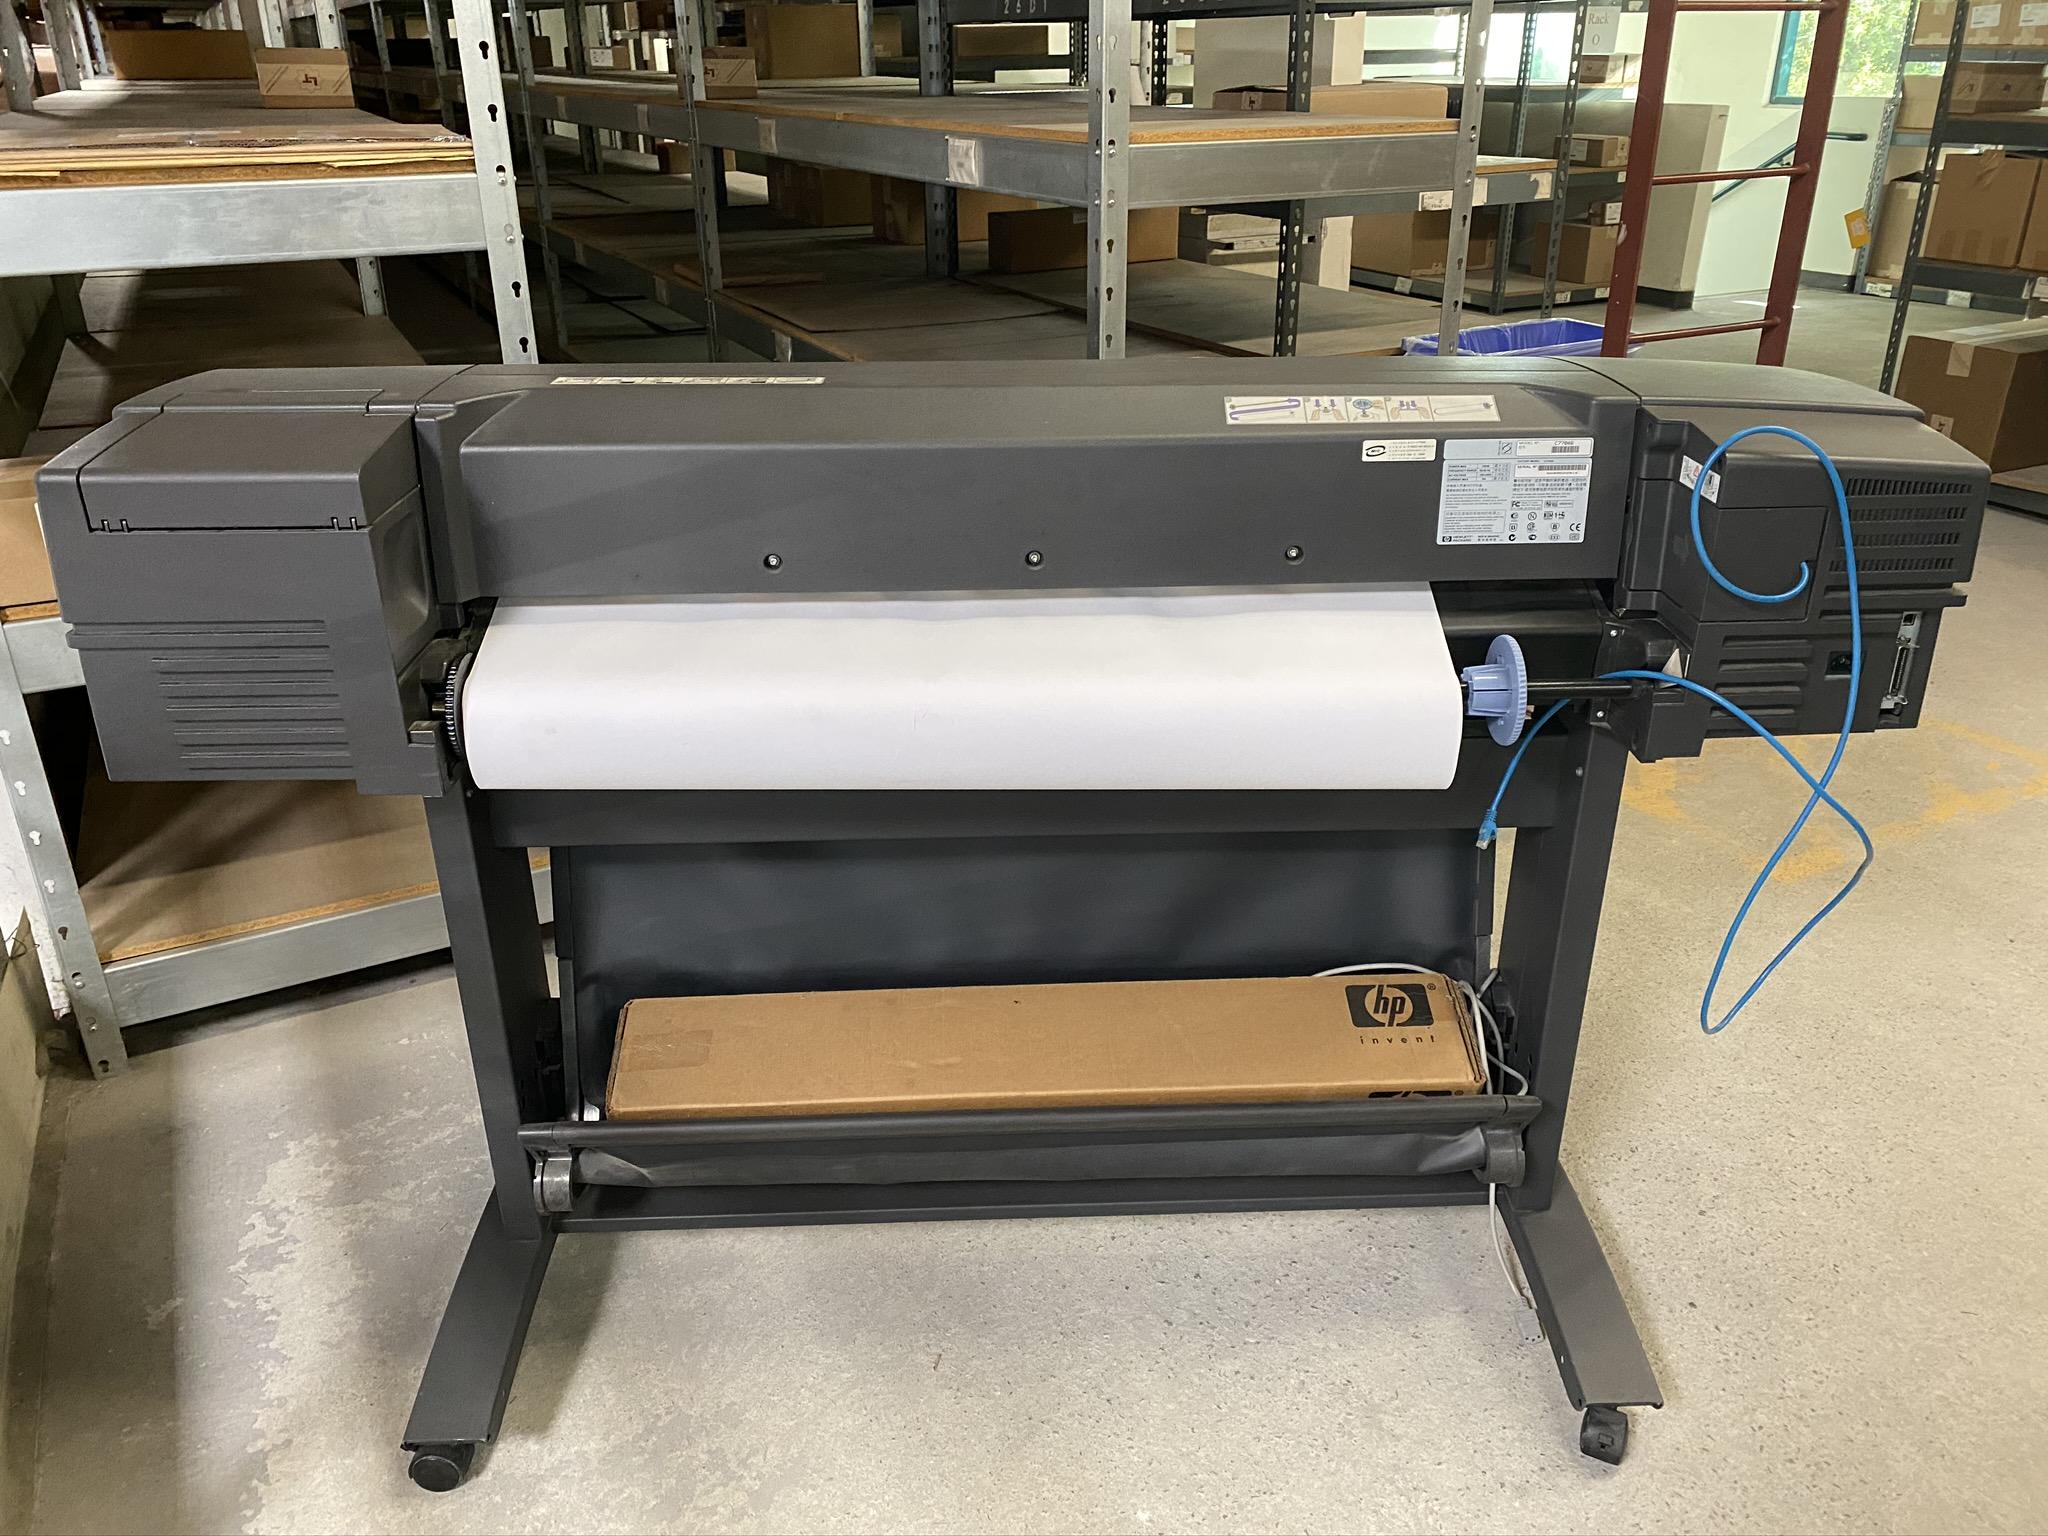 HP DESIGN JET 800 PLOTTER, MODEL C7780B, S/N SG0952201K - Image 2 of 4